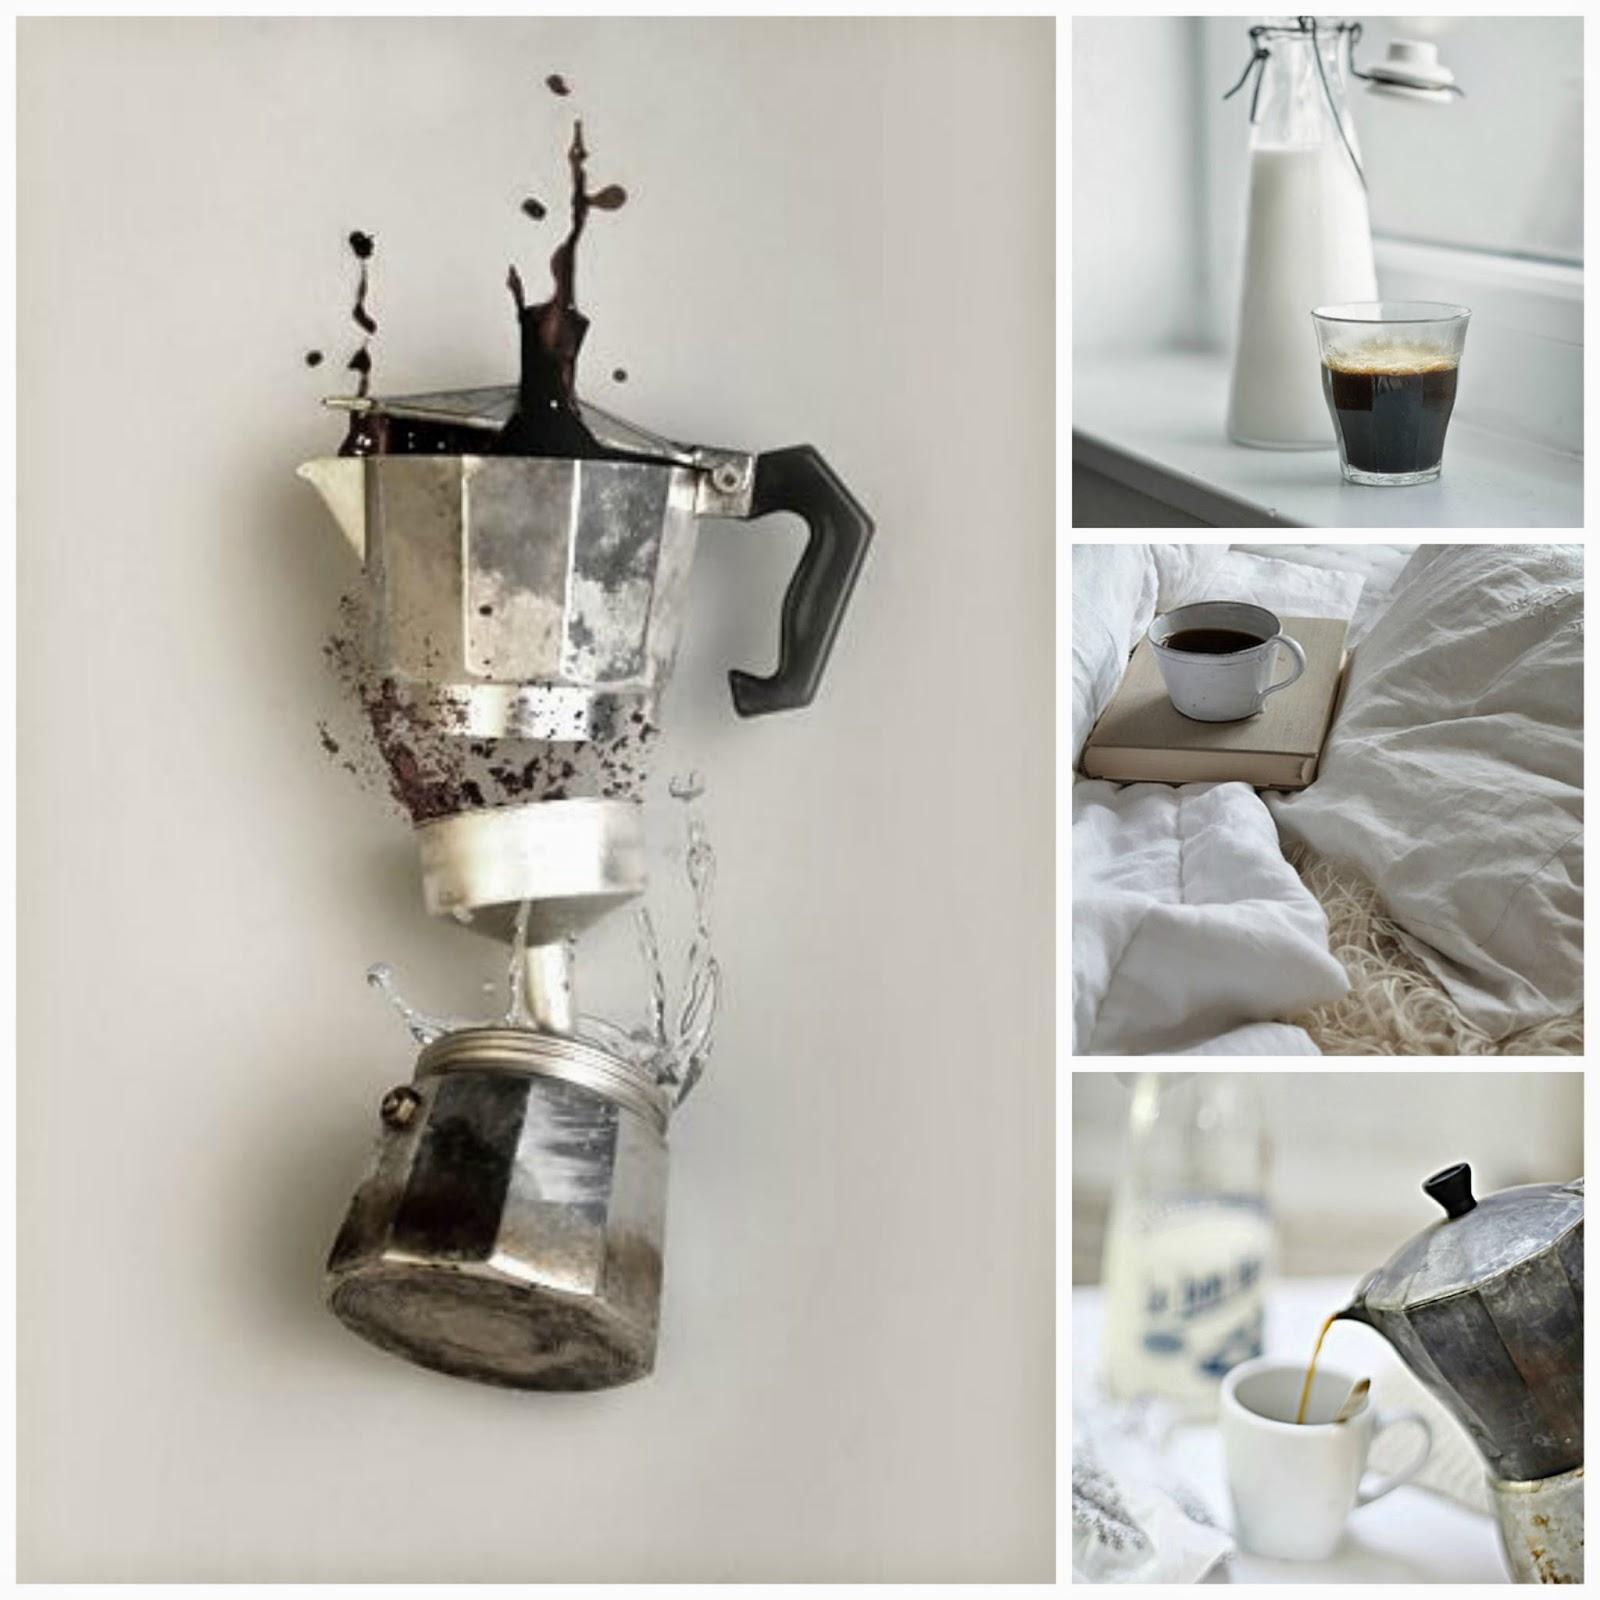 come fare un buon caffè?